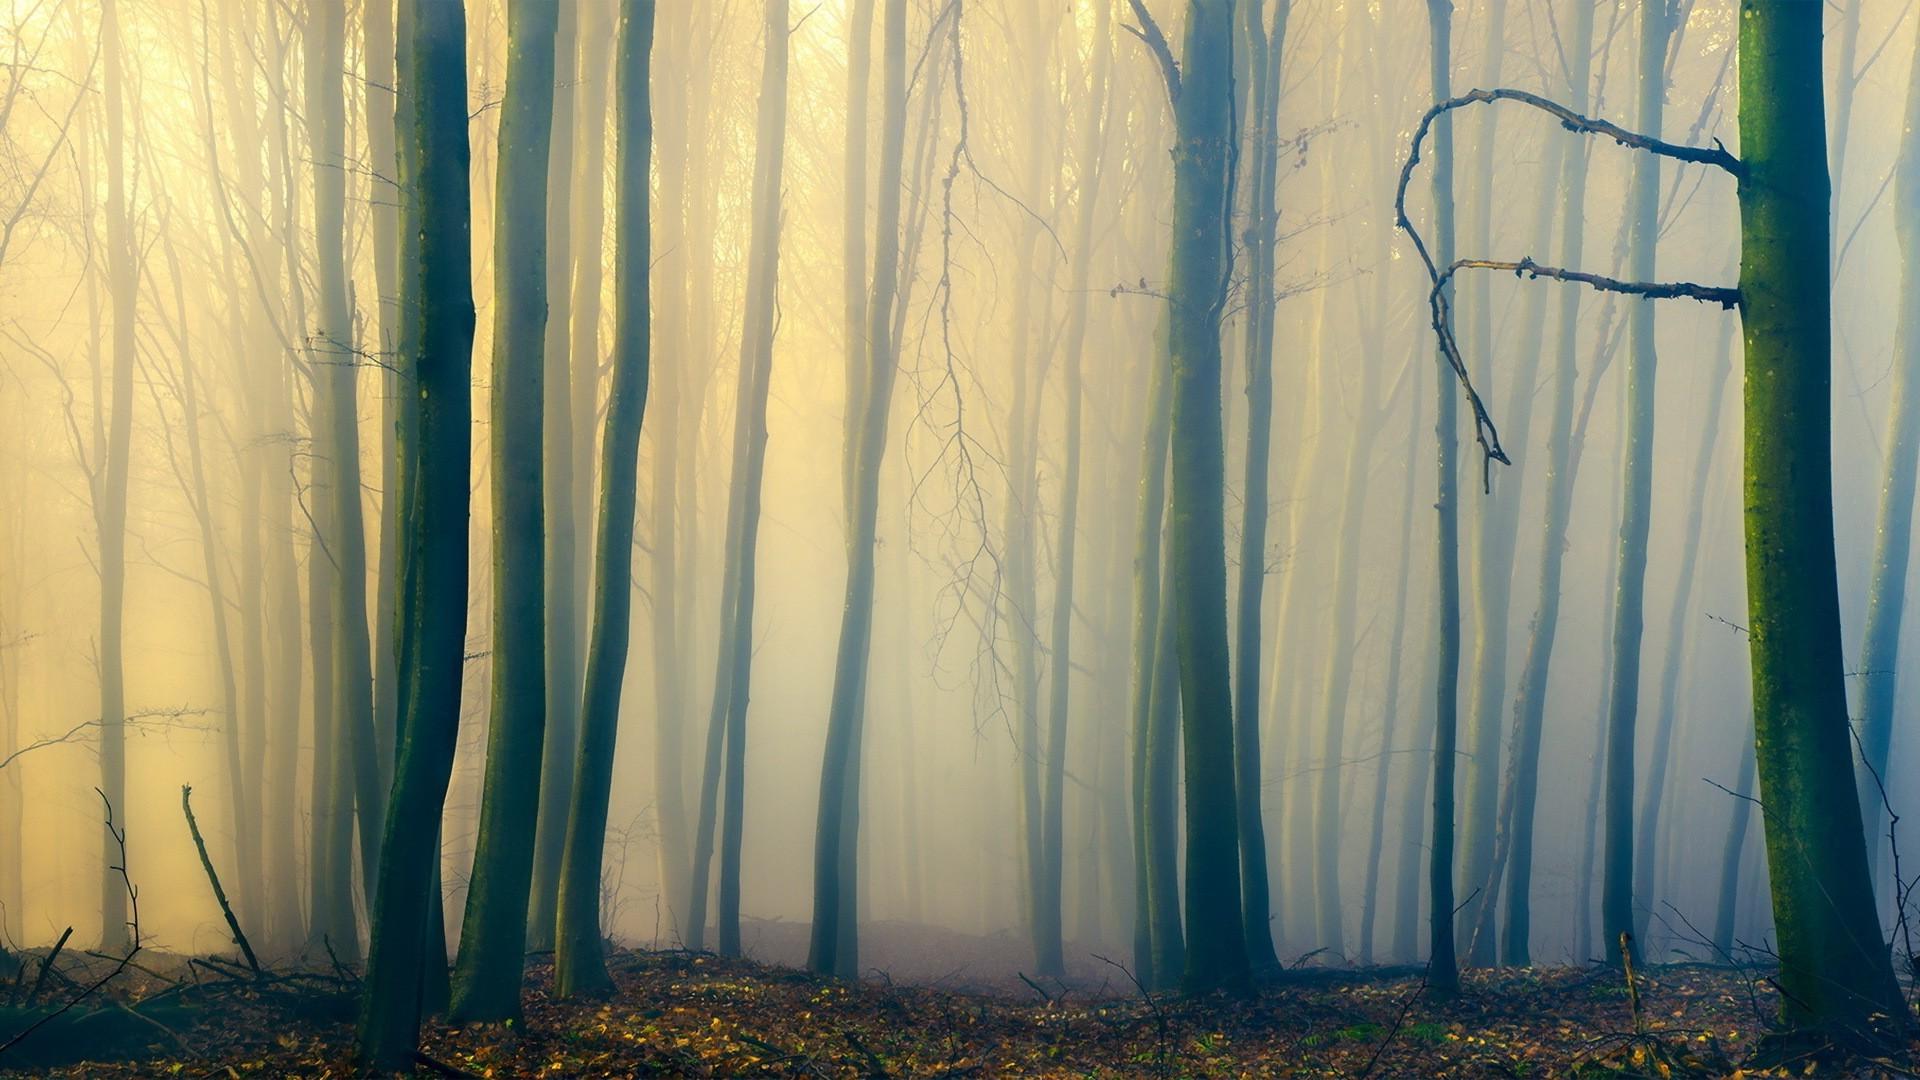 белье фон туманный лес состояние